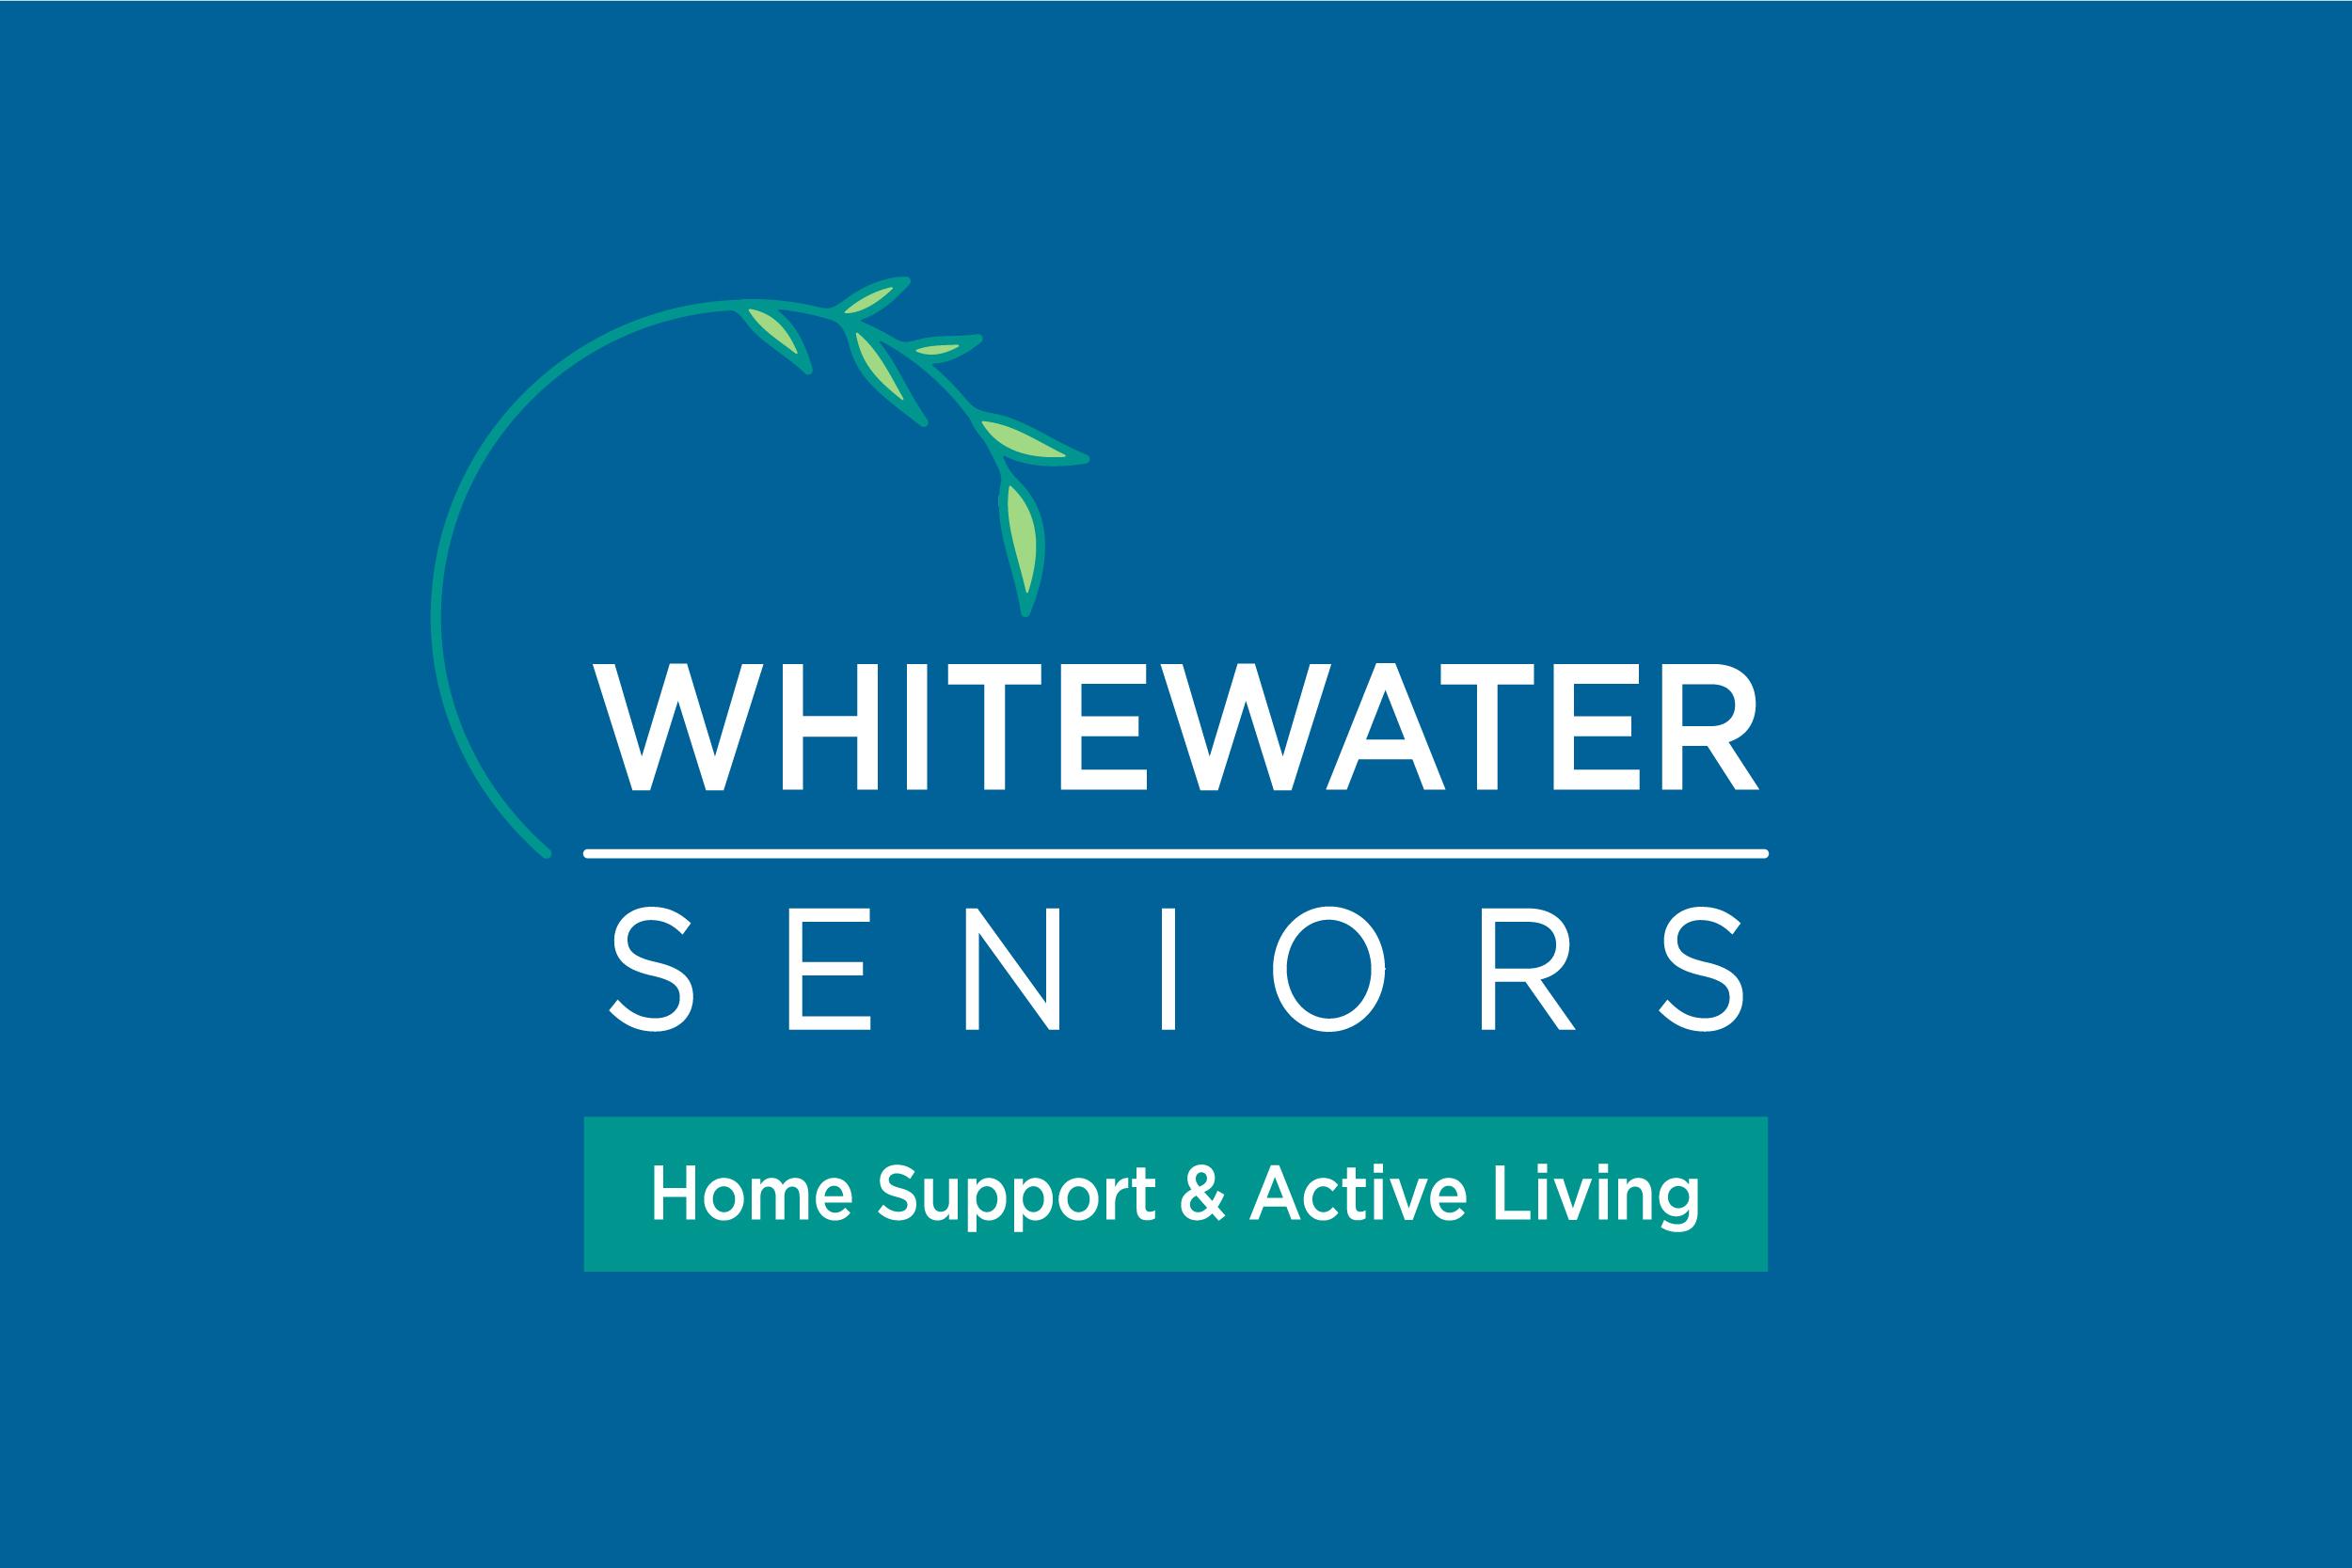 Whitewater Seniors